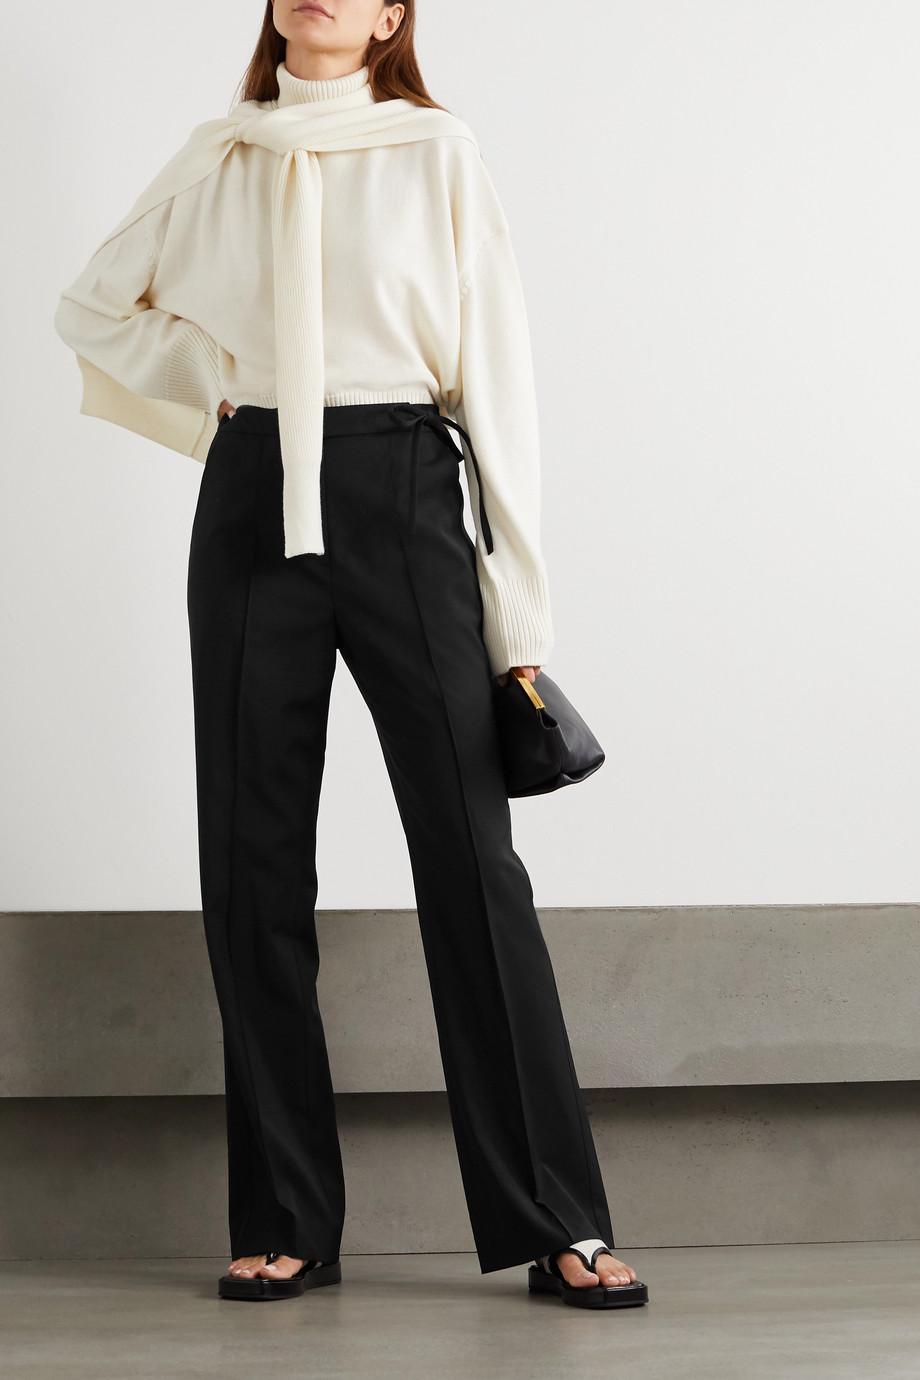 LE 17 SEPTEMBRE Tie-detailed crepe wide-leg pants